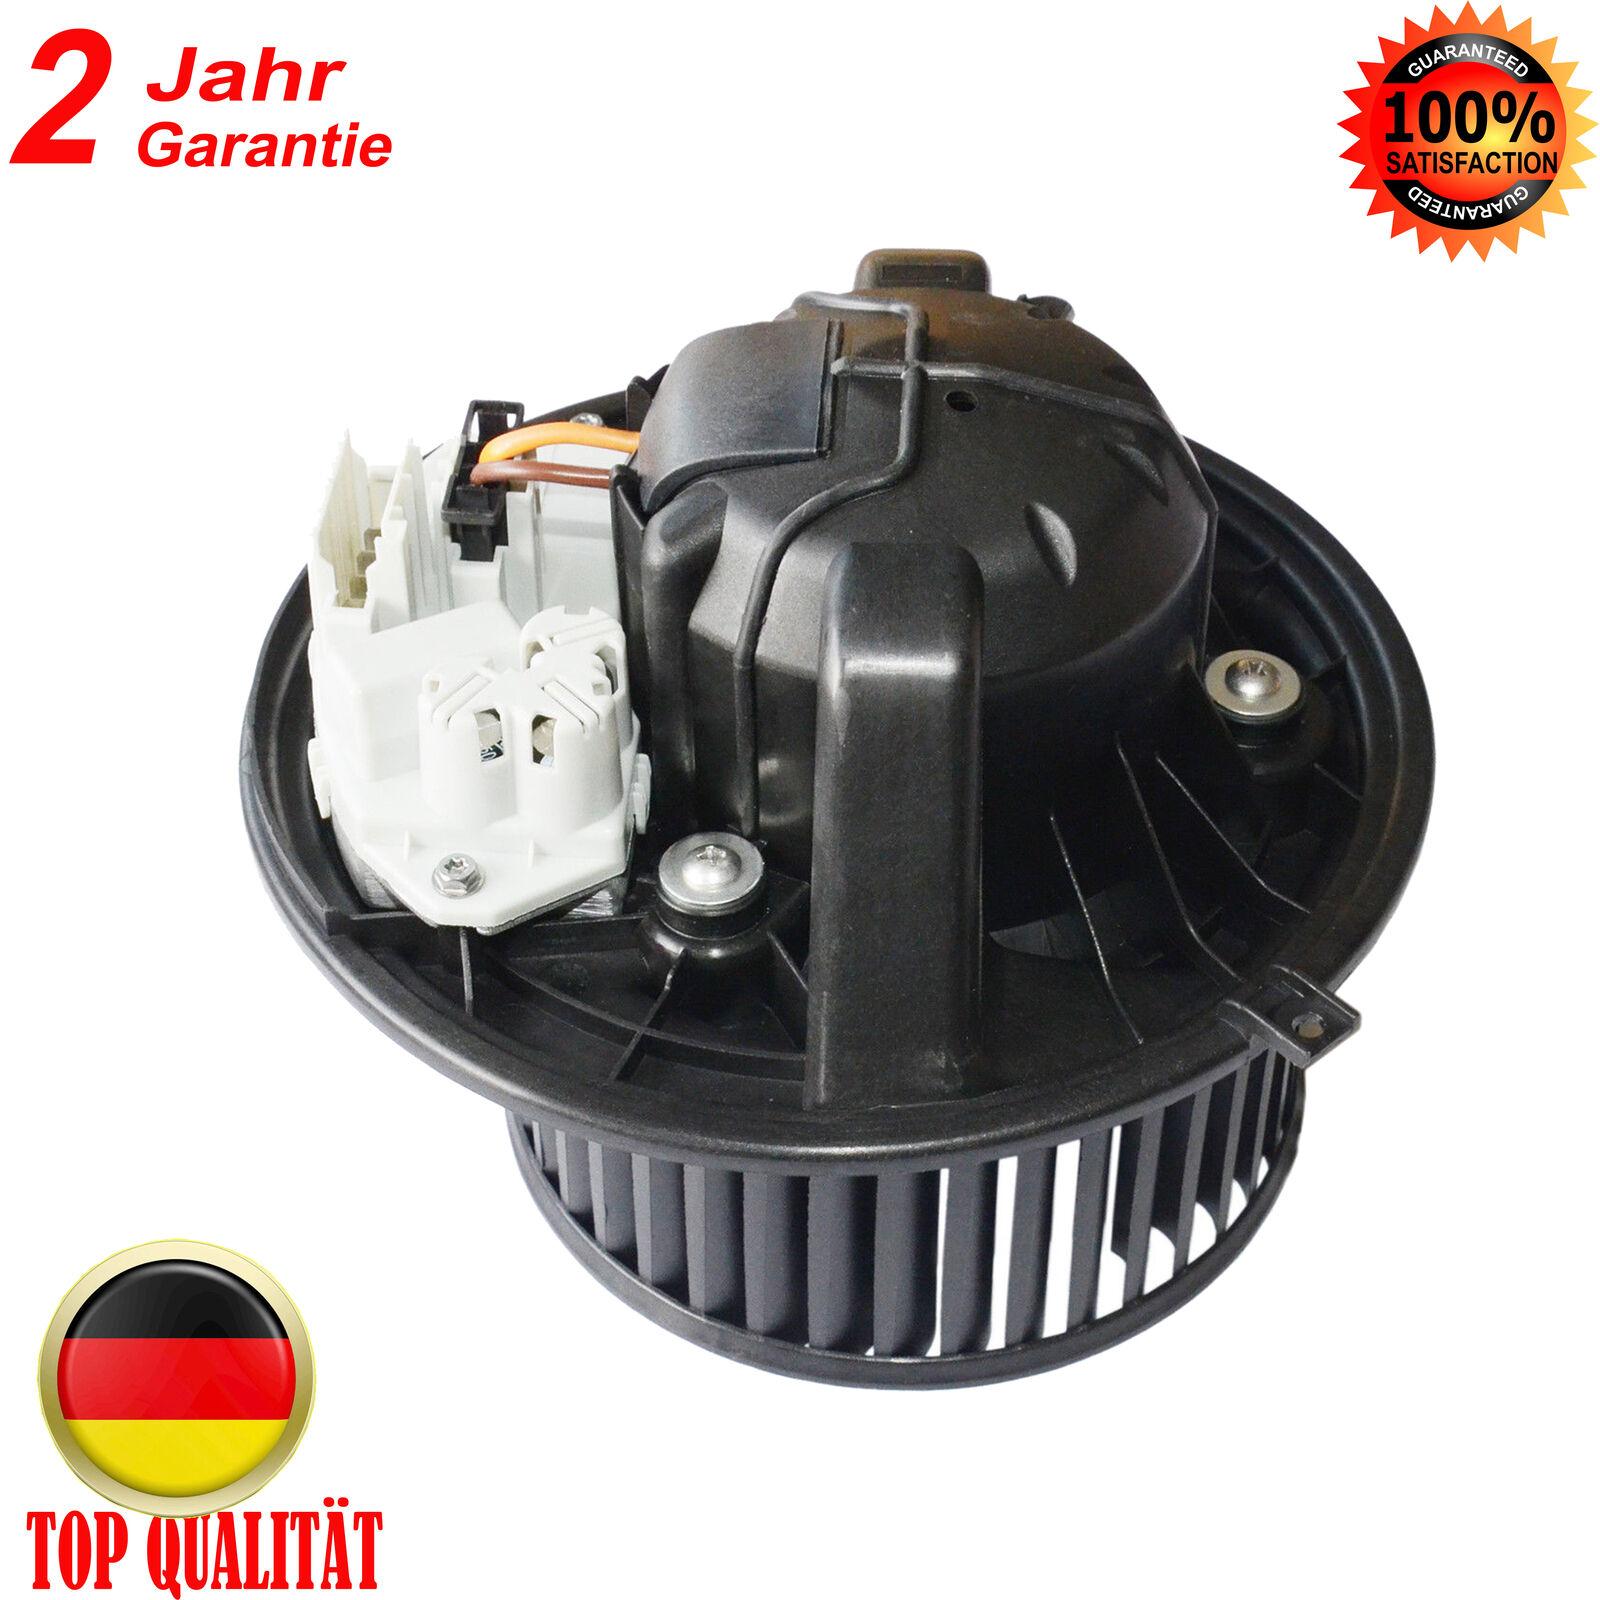 Передний электродвигатель воздуходувки AP03 LHD для BMW E90 E92 E91 F25 E89 E93 E88 E82 64119144200 64116933663 64119227670 64116927090